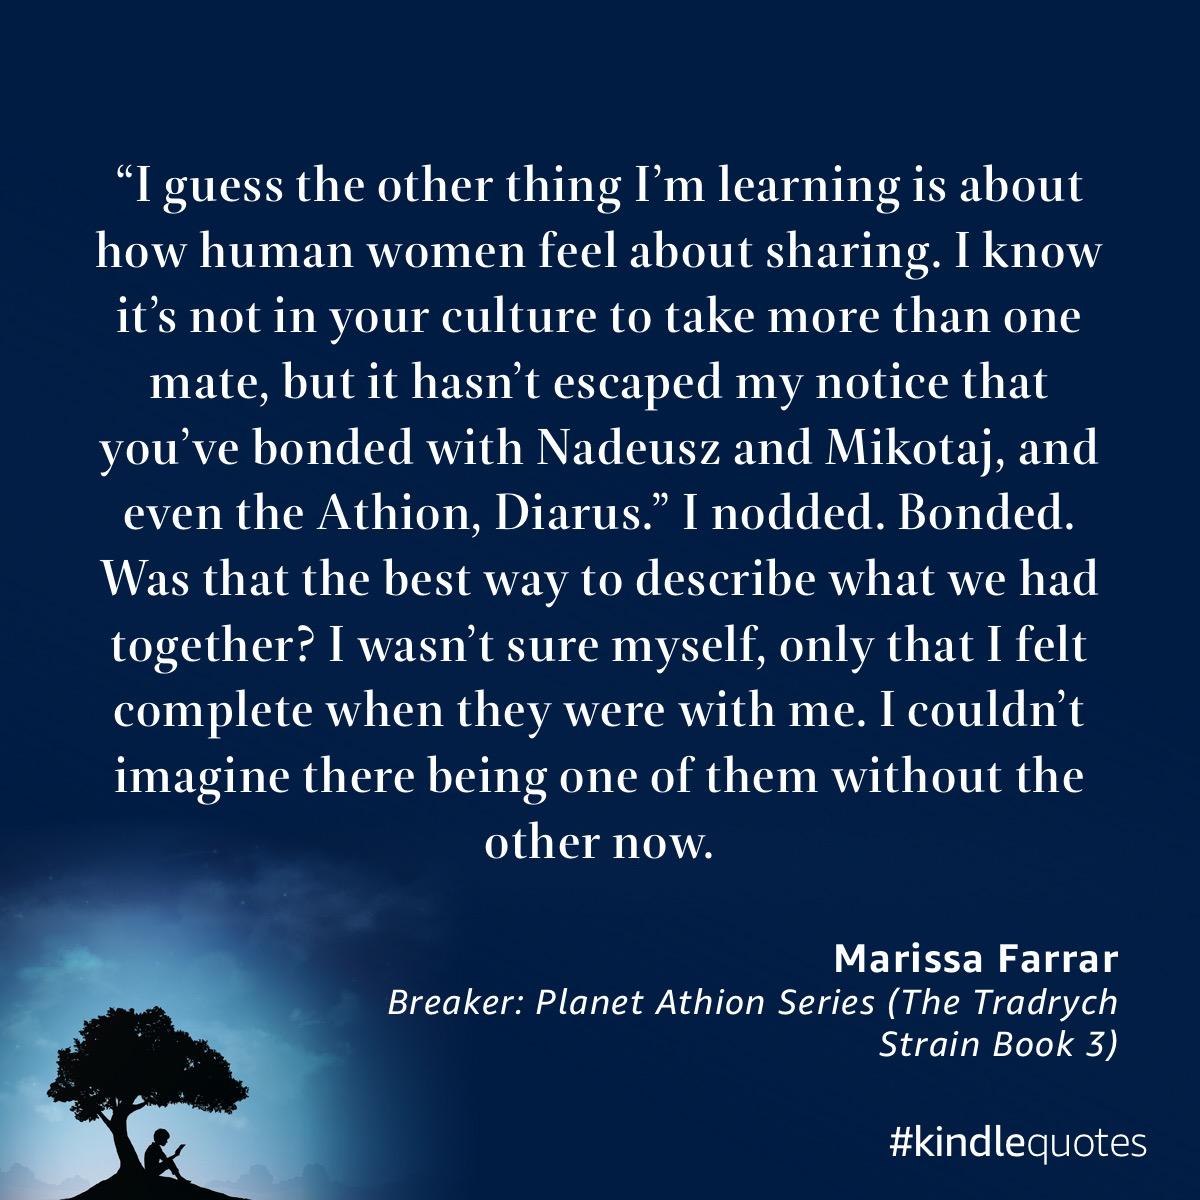 Book quote Marissa Farrar